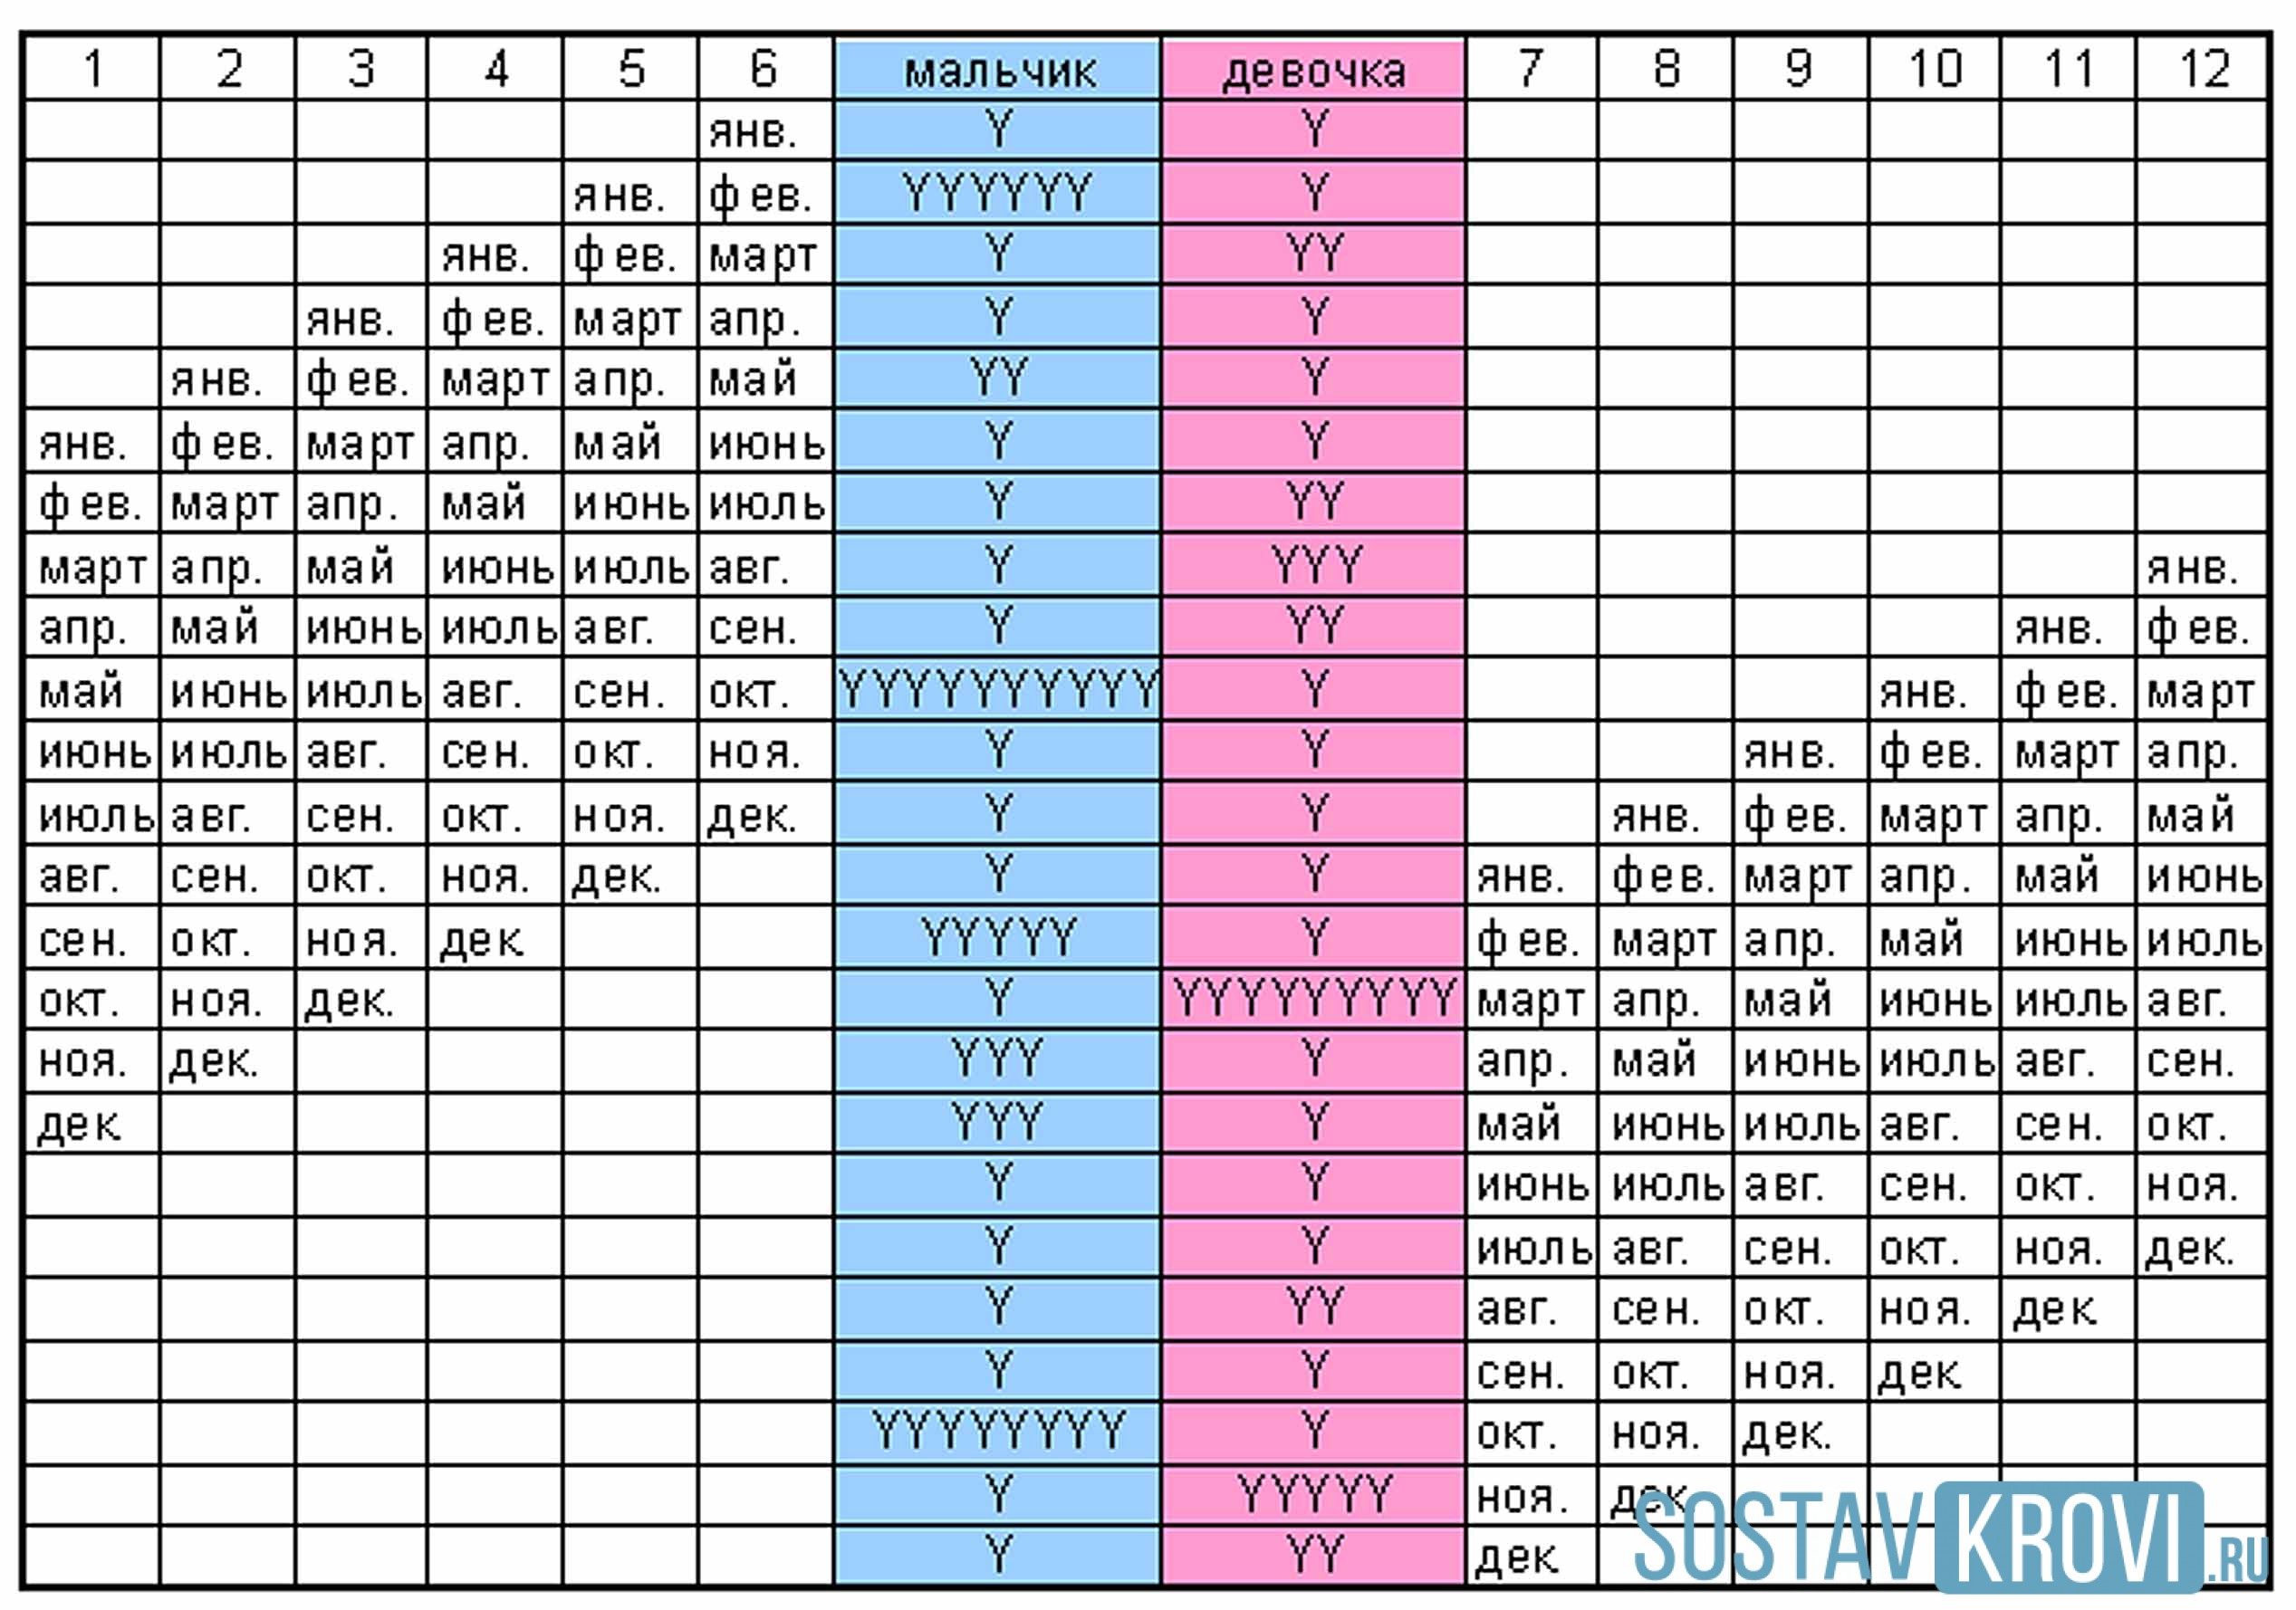 Таблица определения будущего пола ребенка